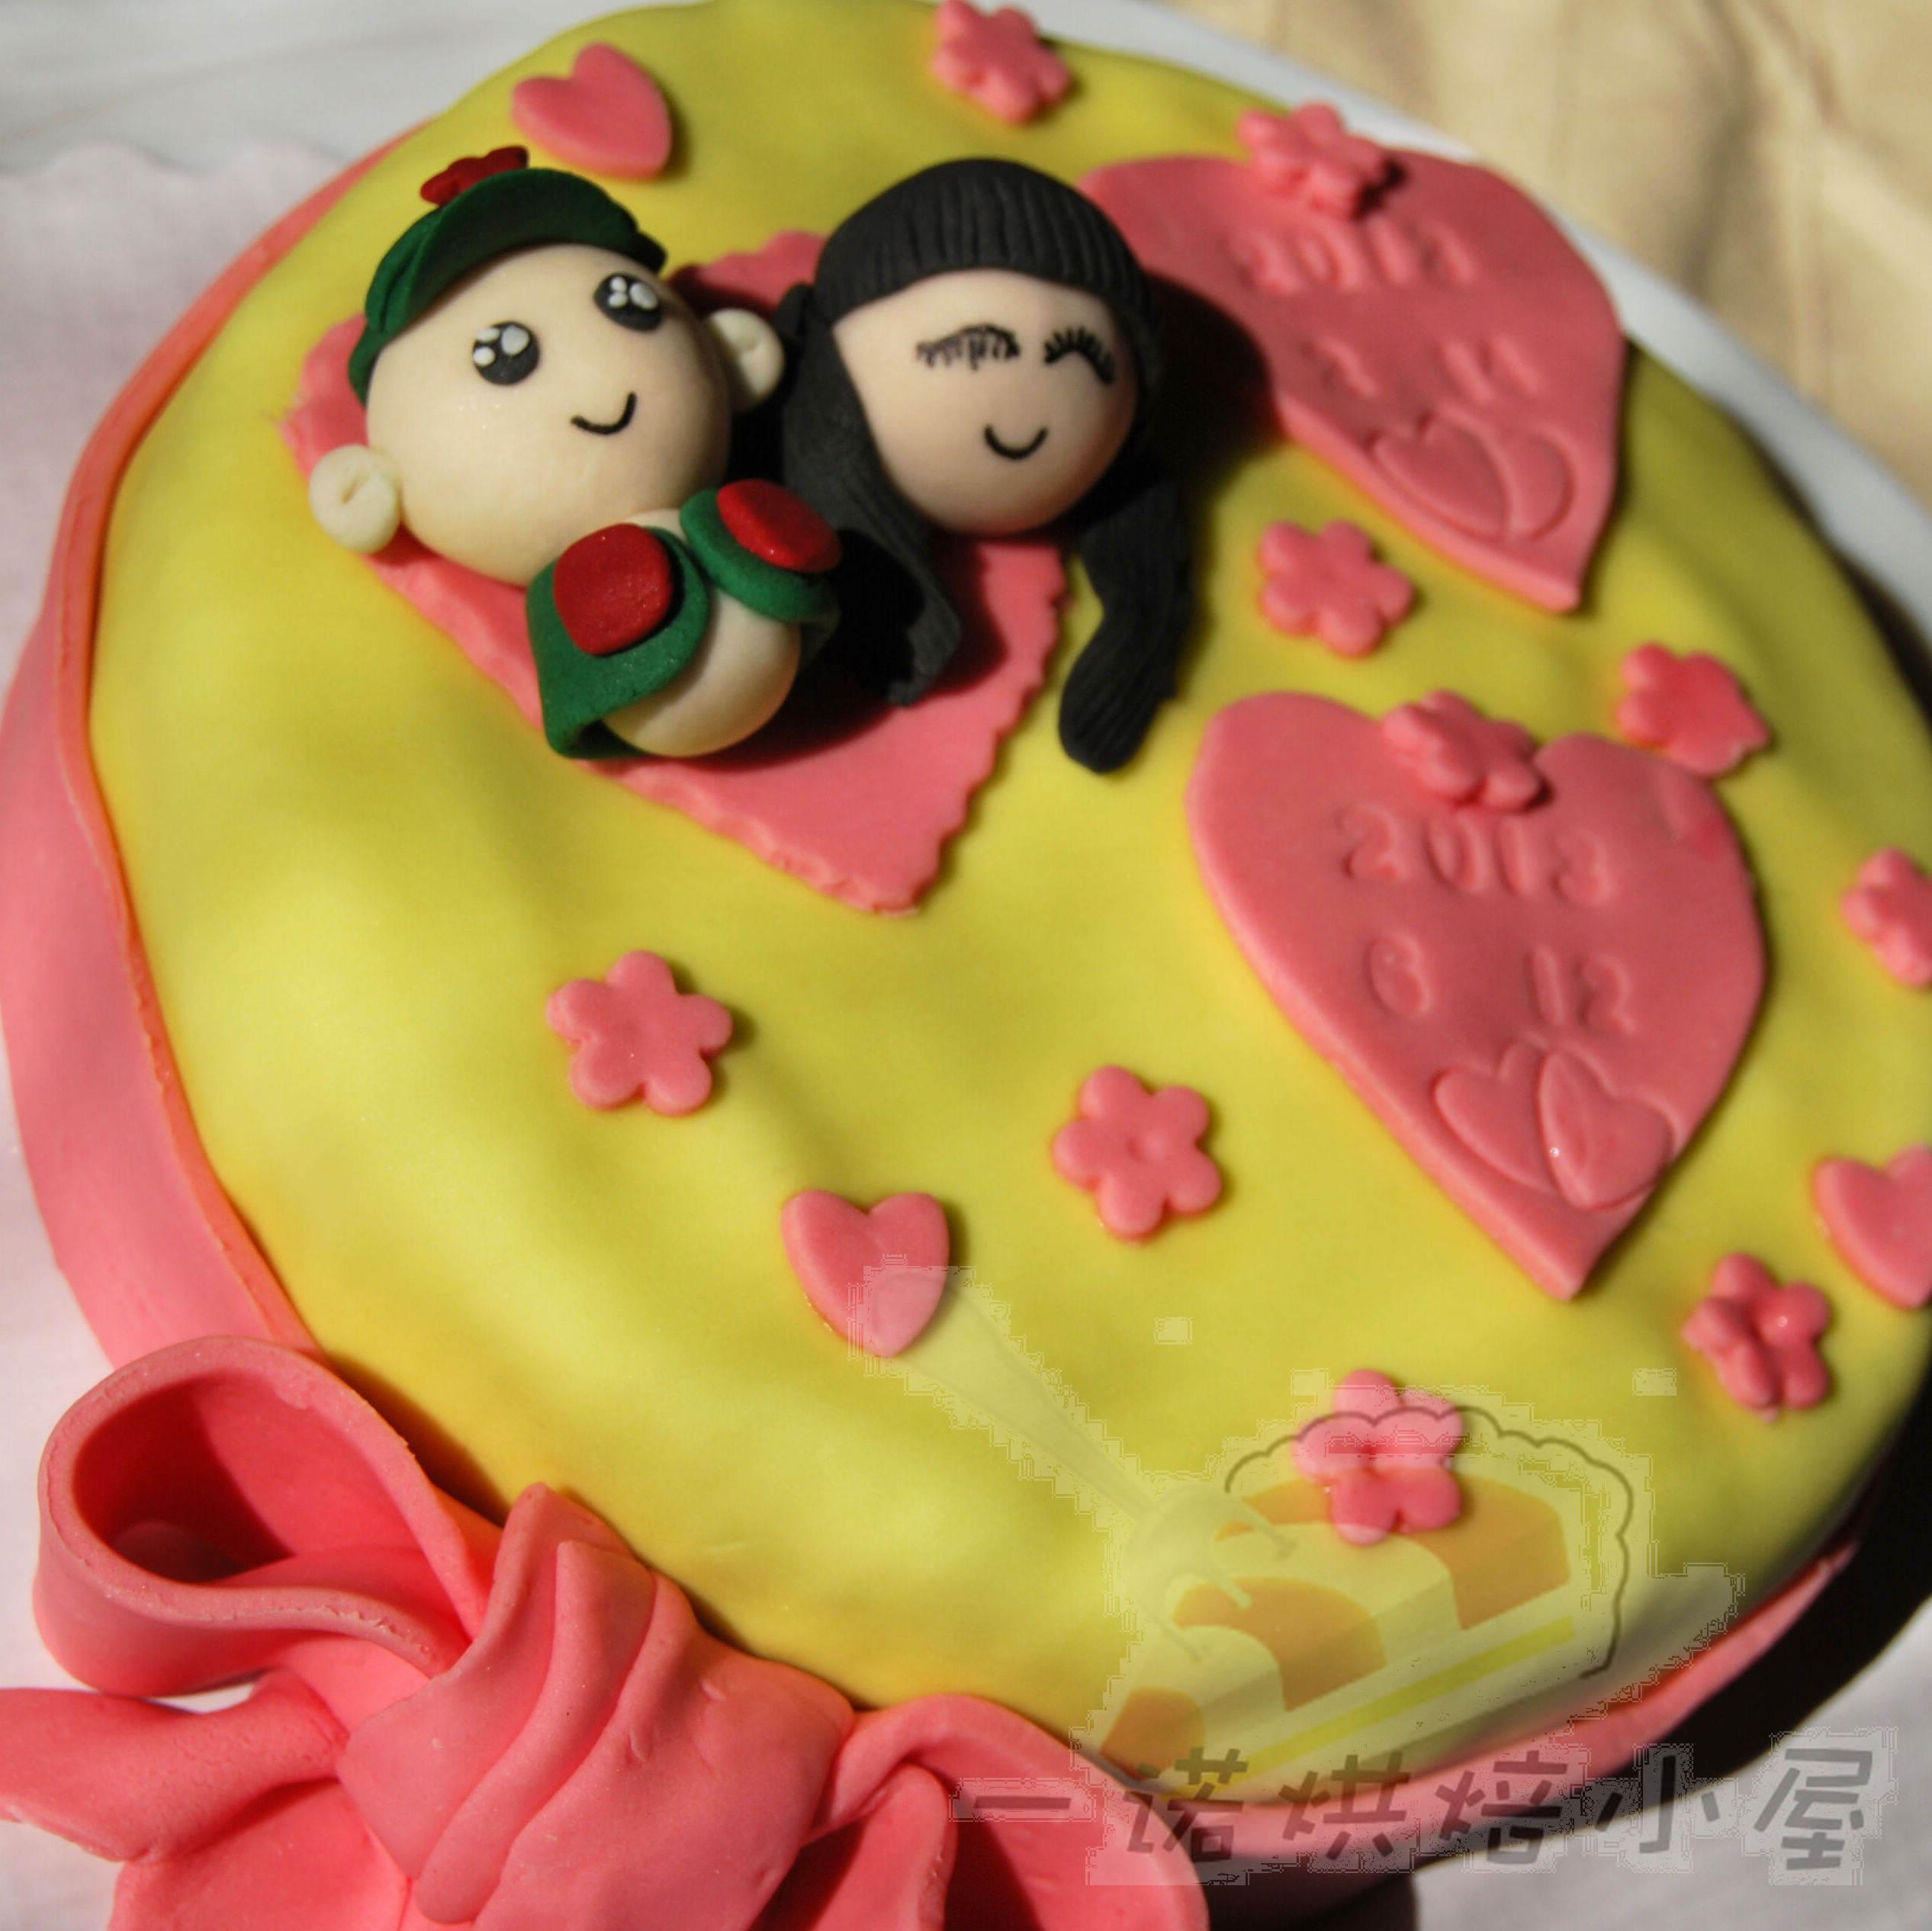 青岛烘焙 一诺定制 军装情侣 结婚纪念日 宴会生日蛋糕 怀旧款图片